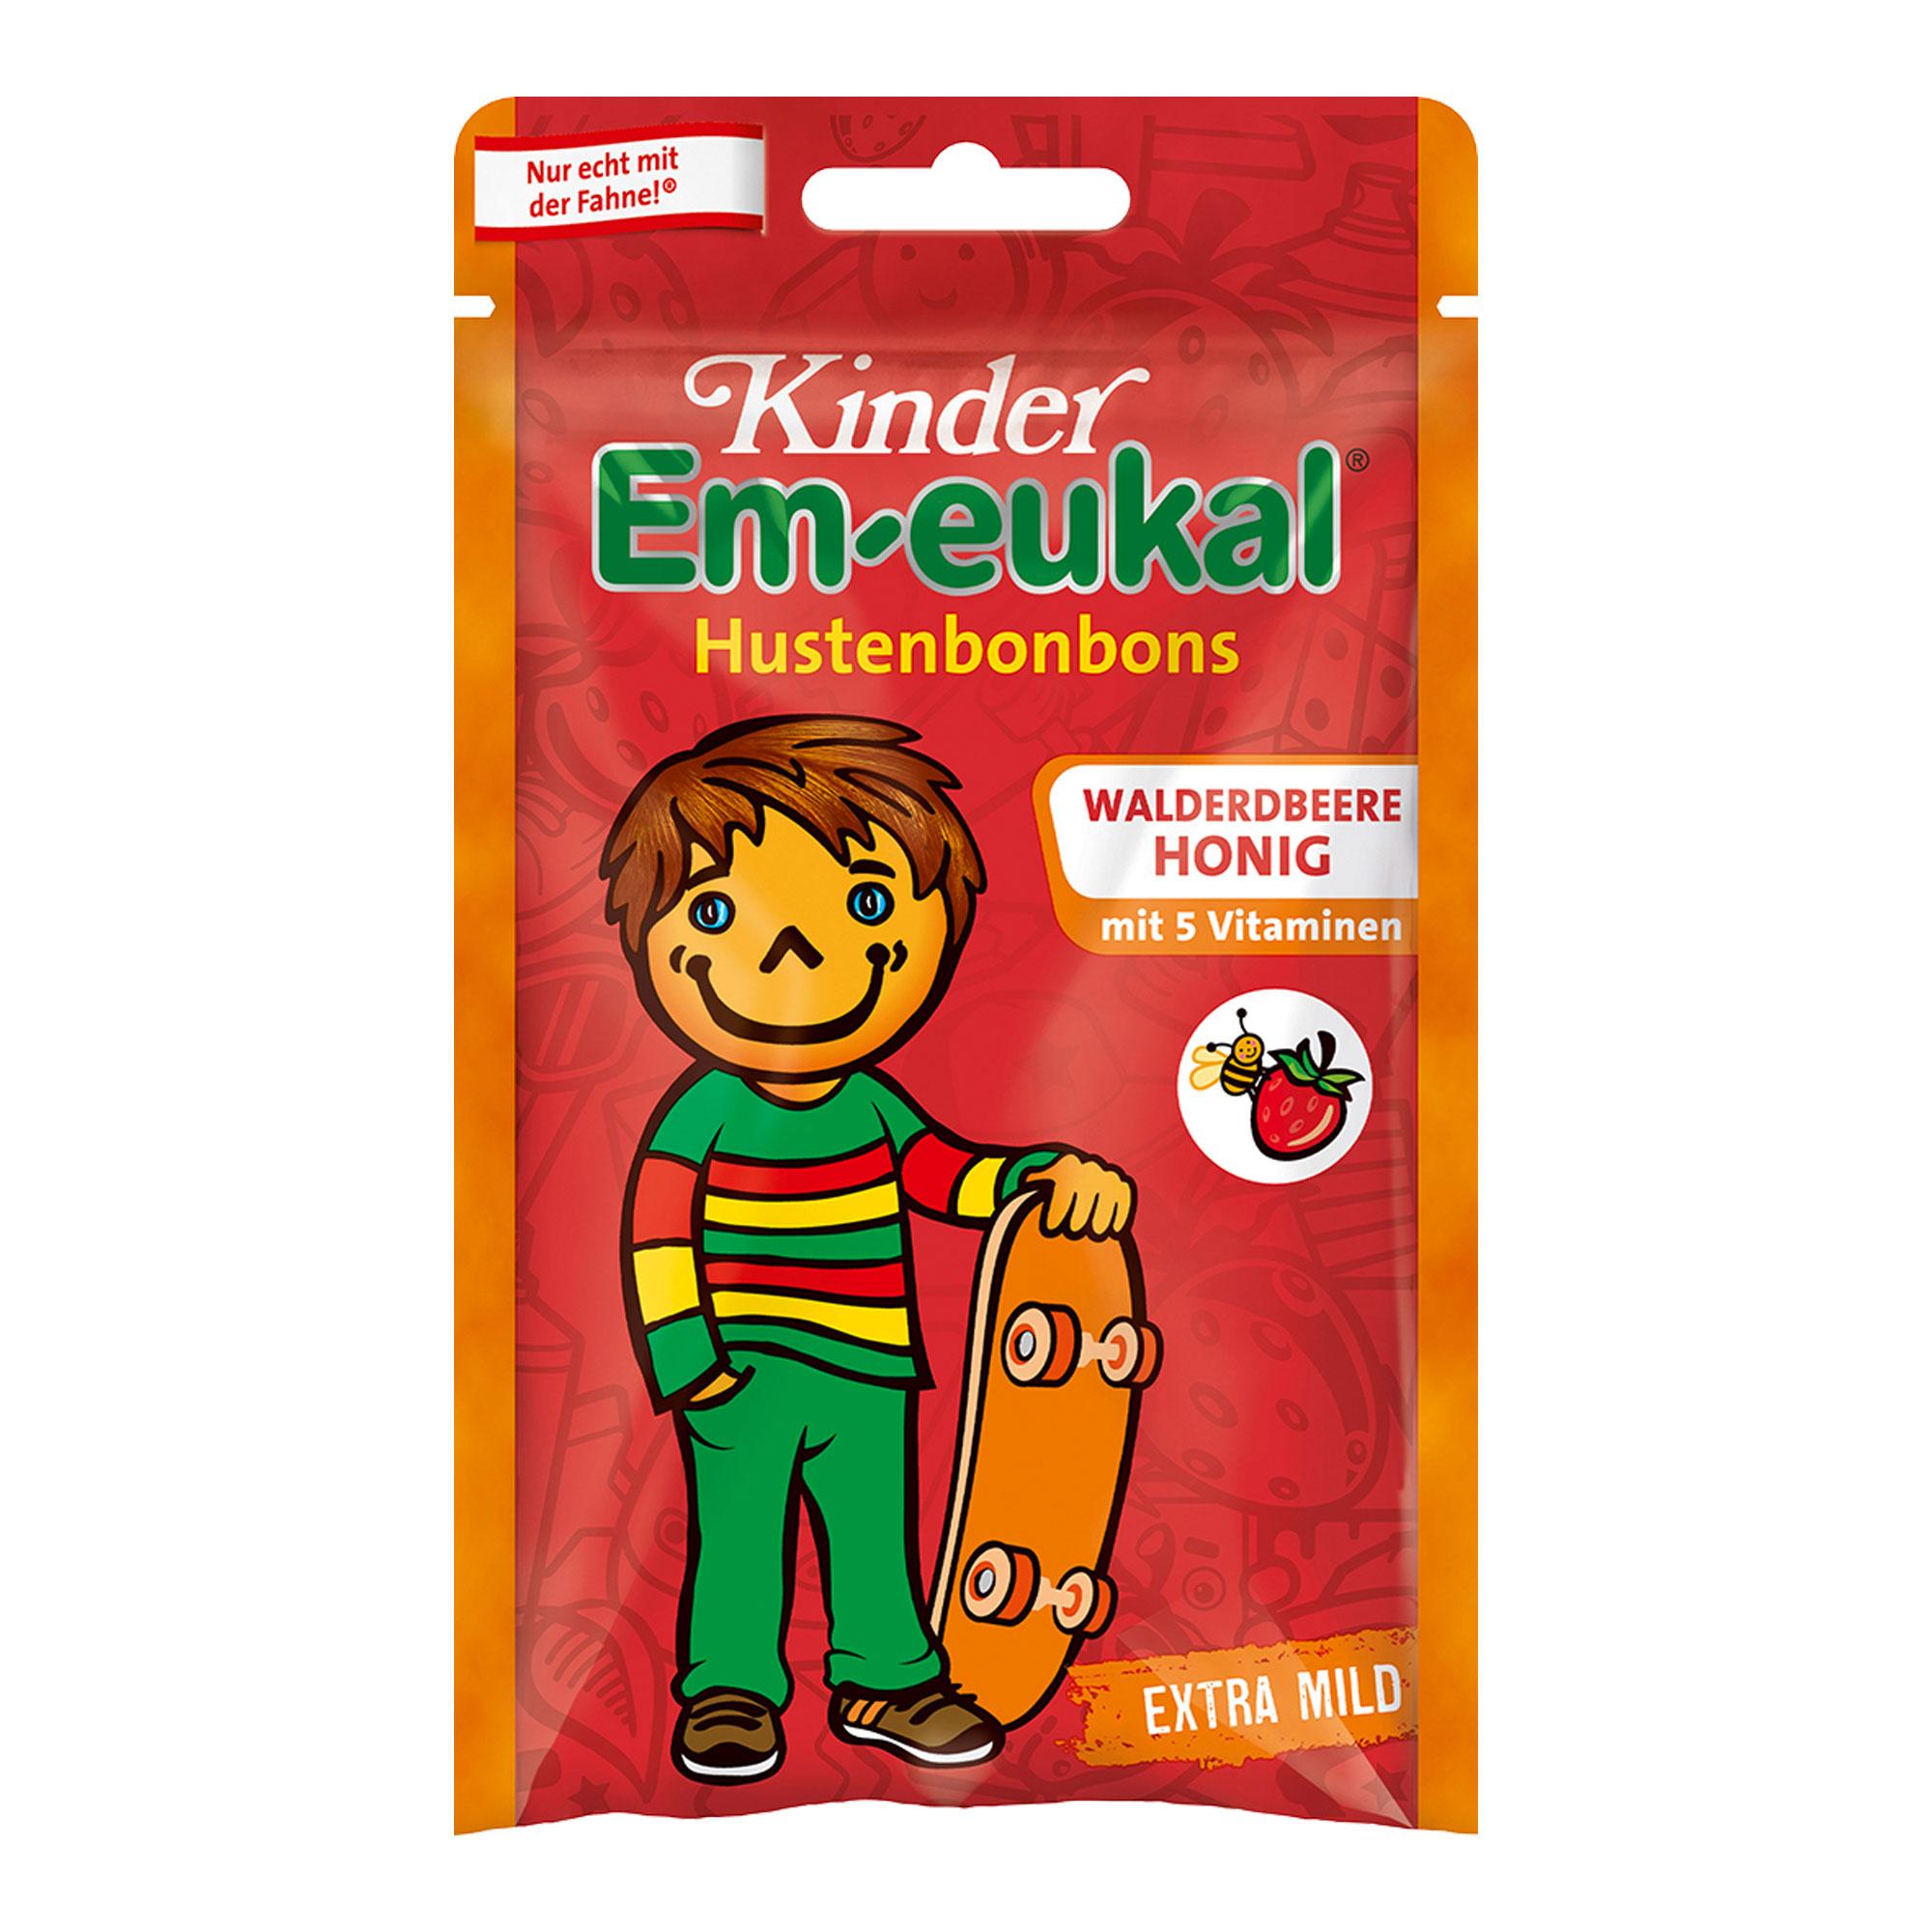 Kinder Em-eukal Hustenbonbons Walderdbeere-Honig